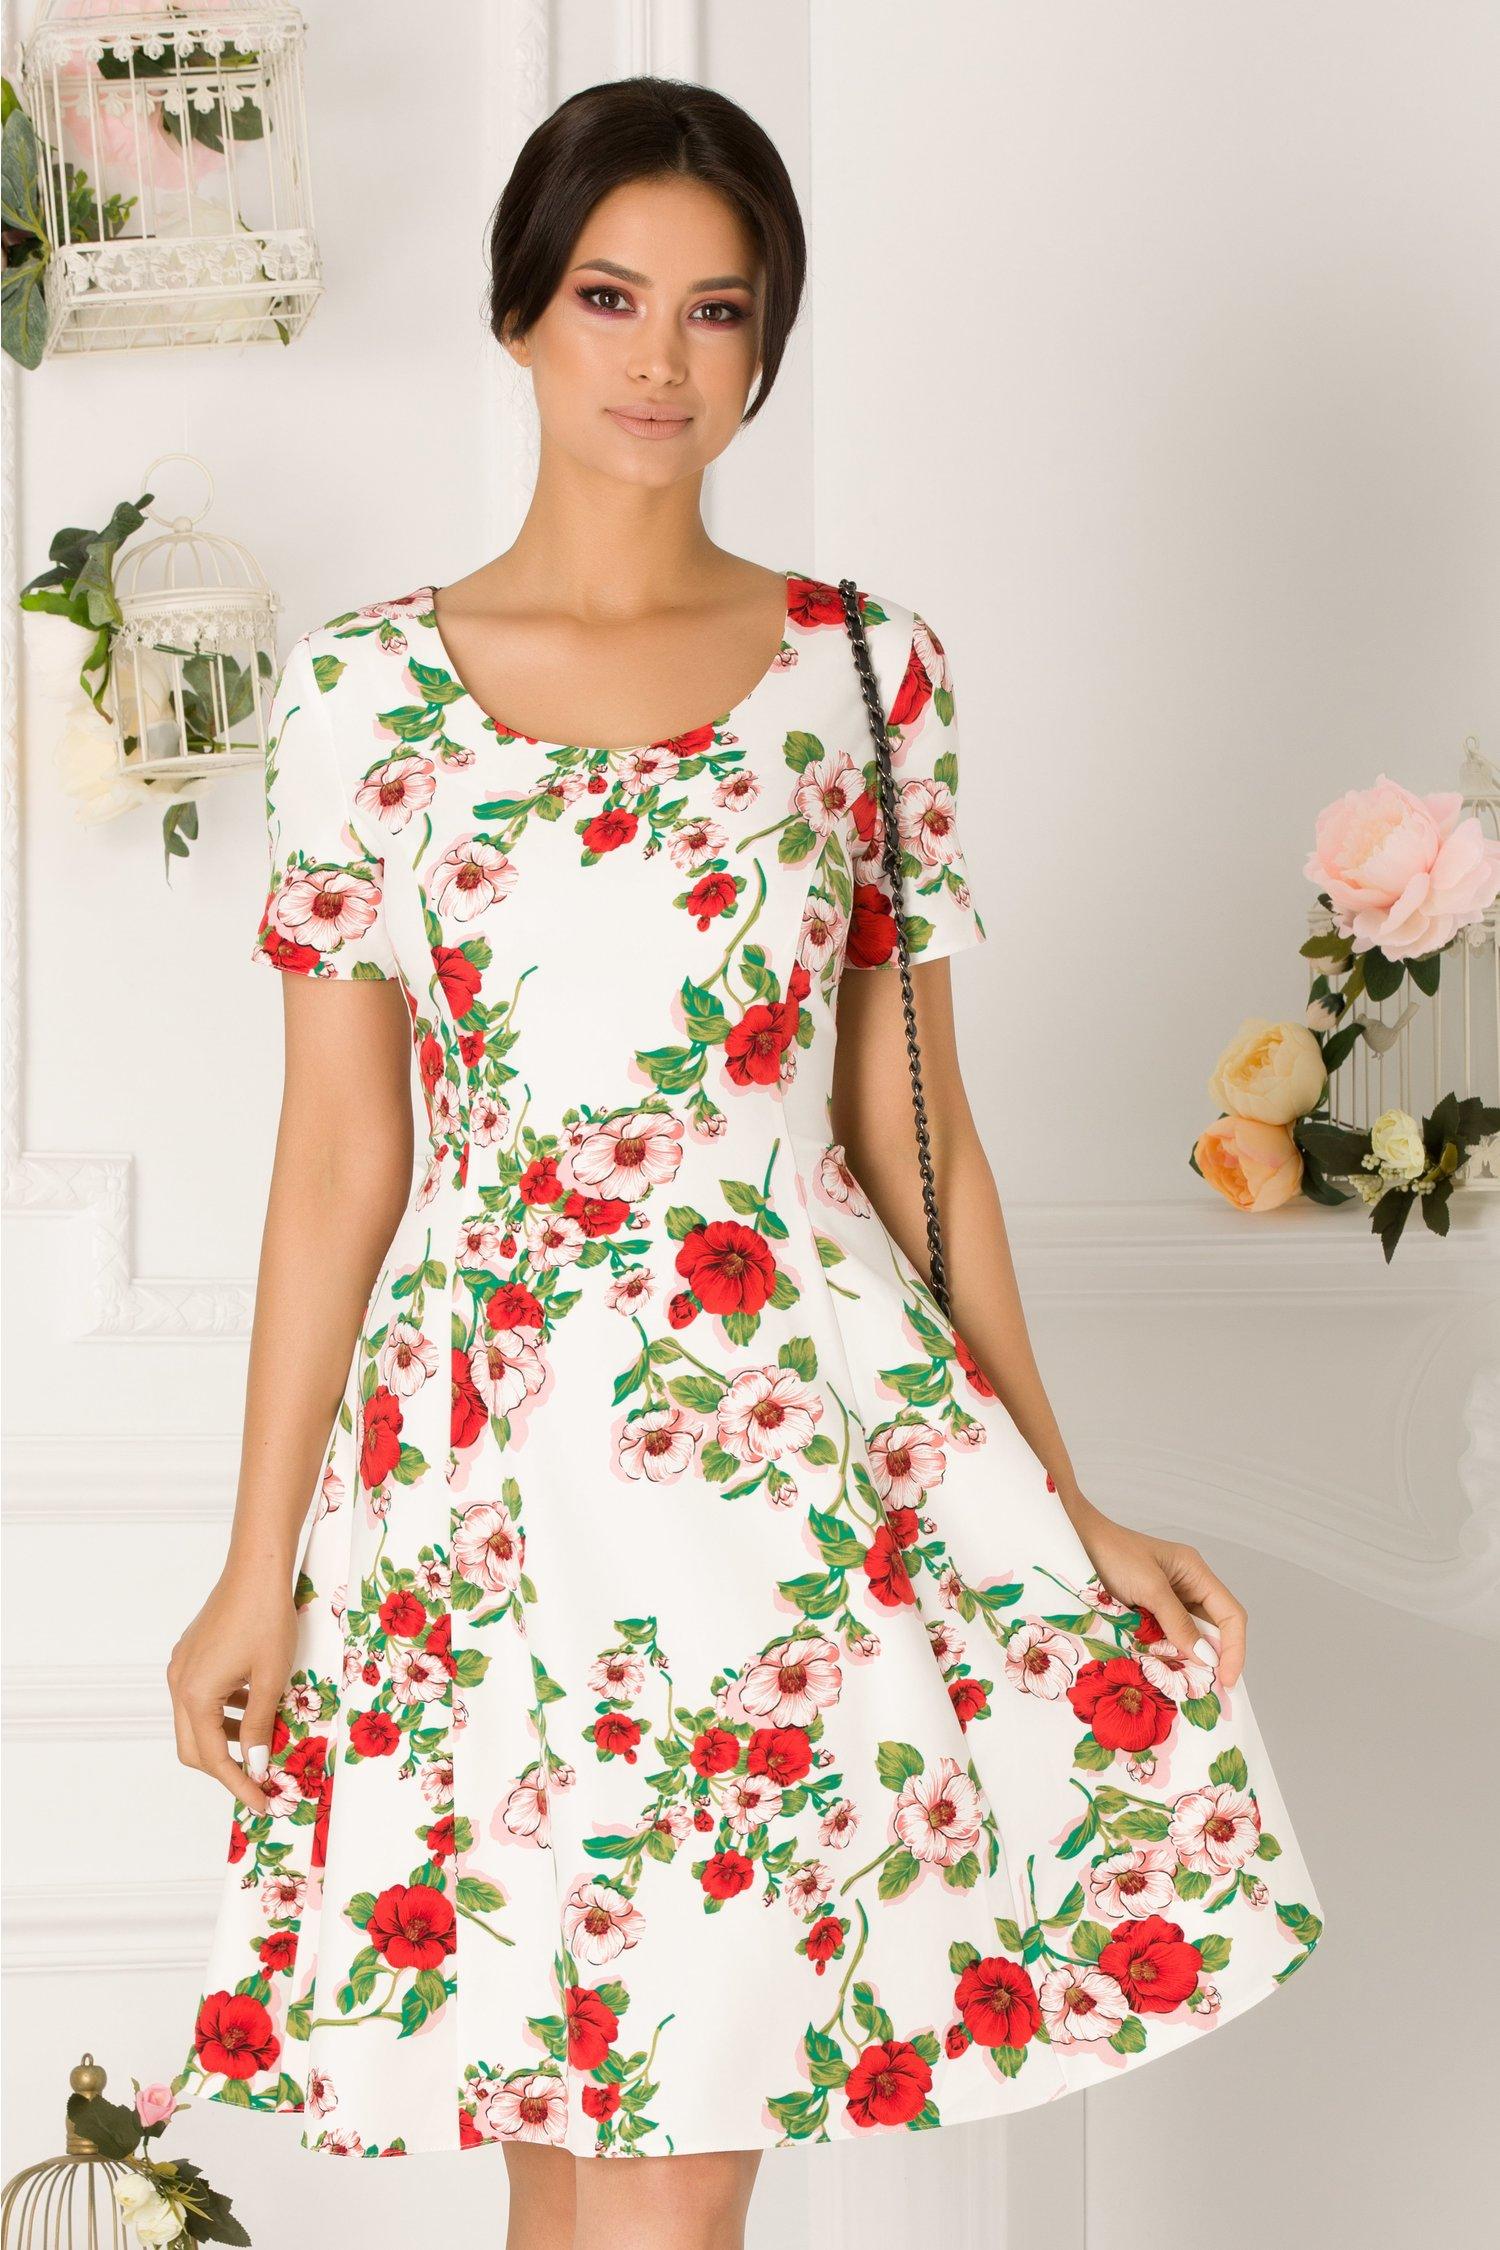 Rochie Sarra alba cu imprimeu floral roz si rosu